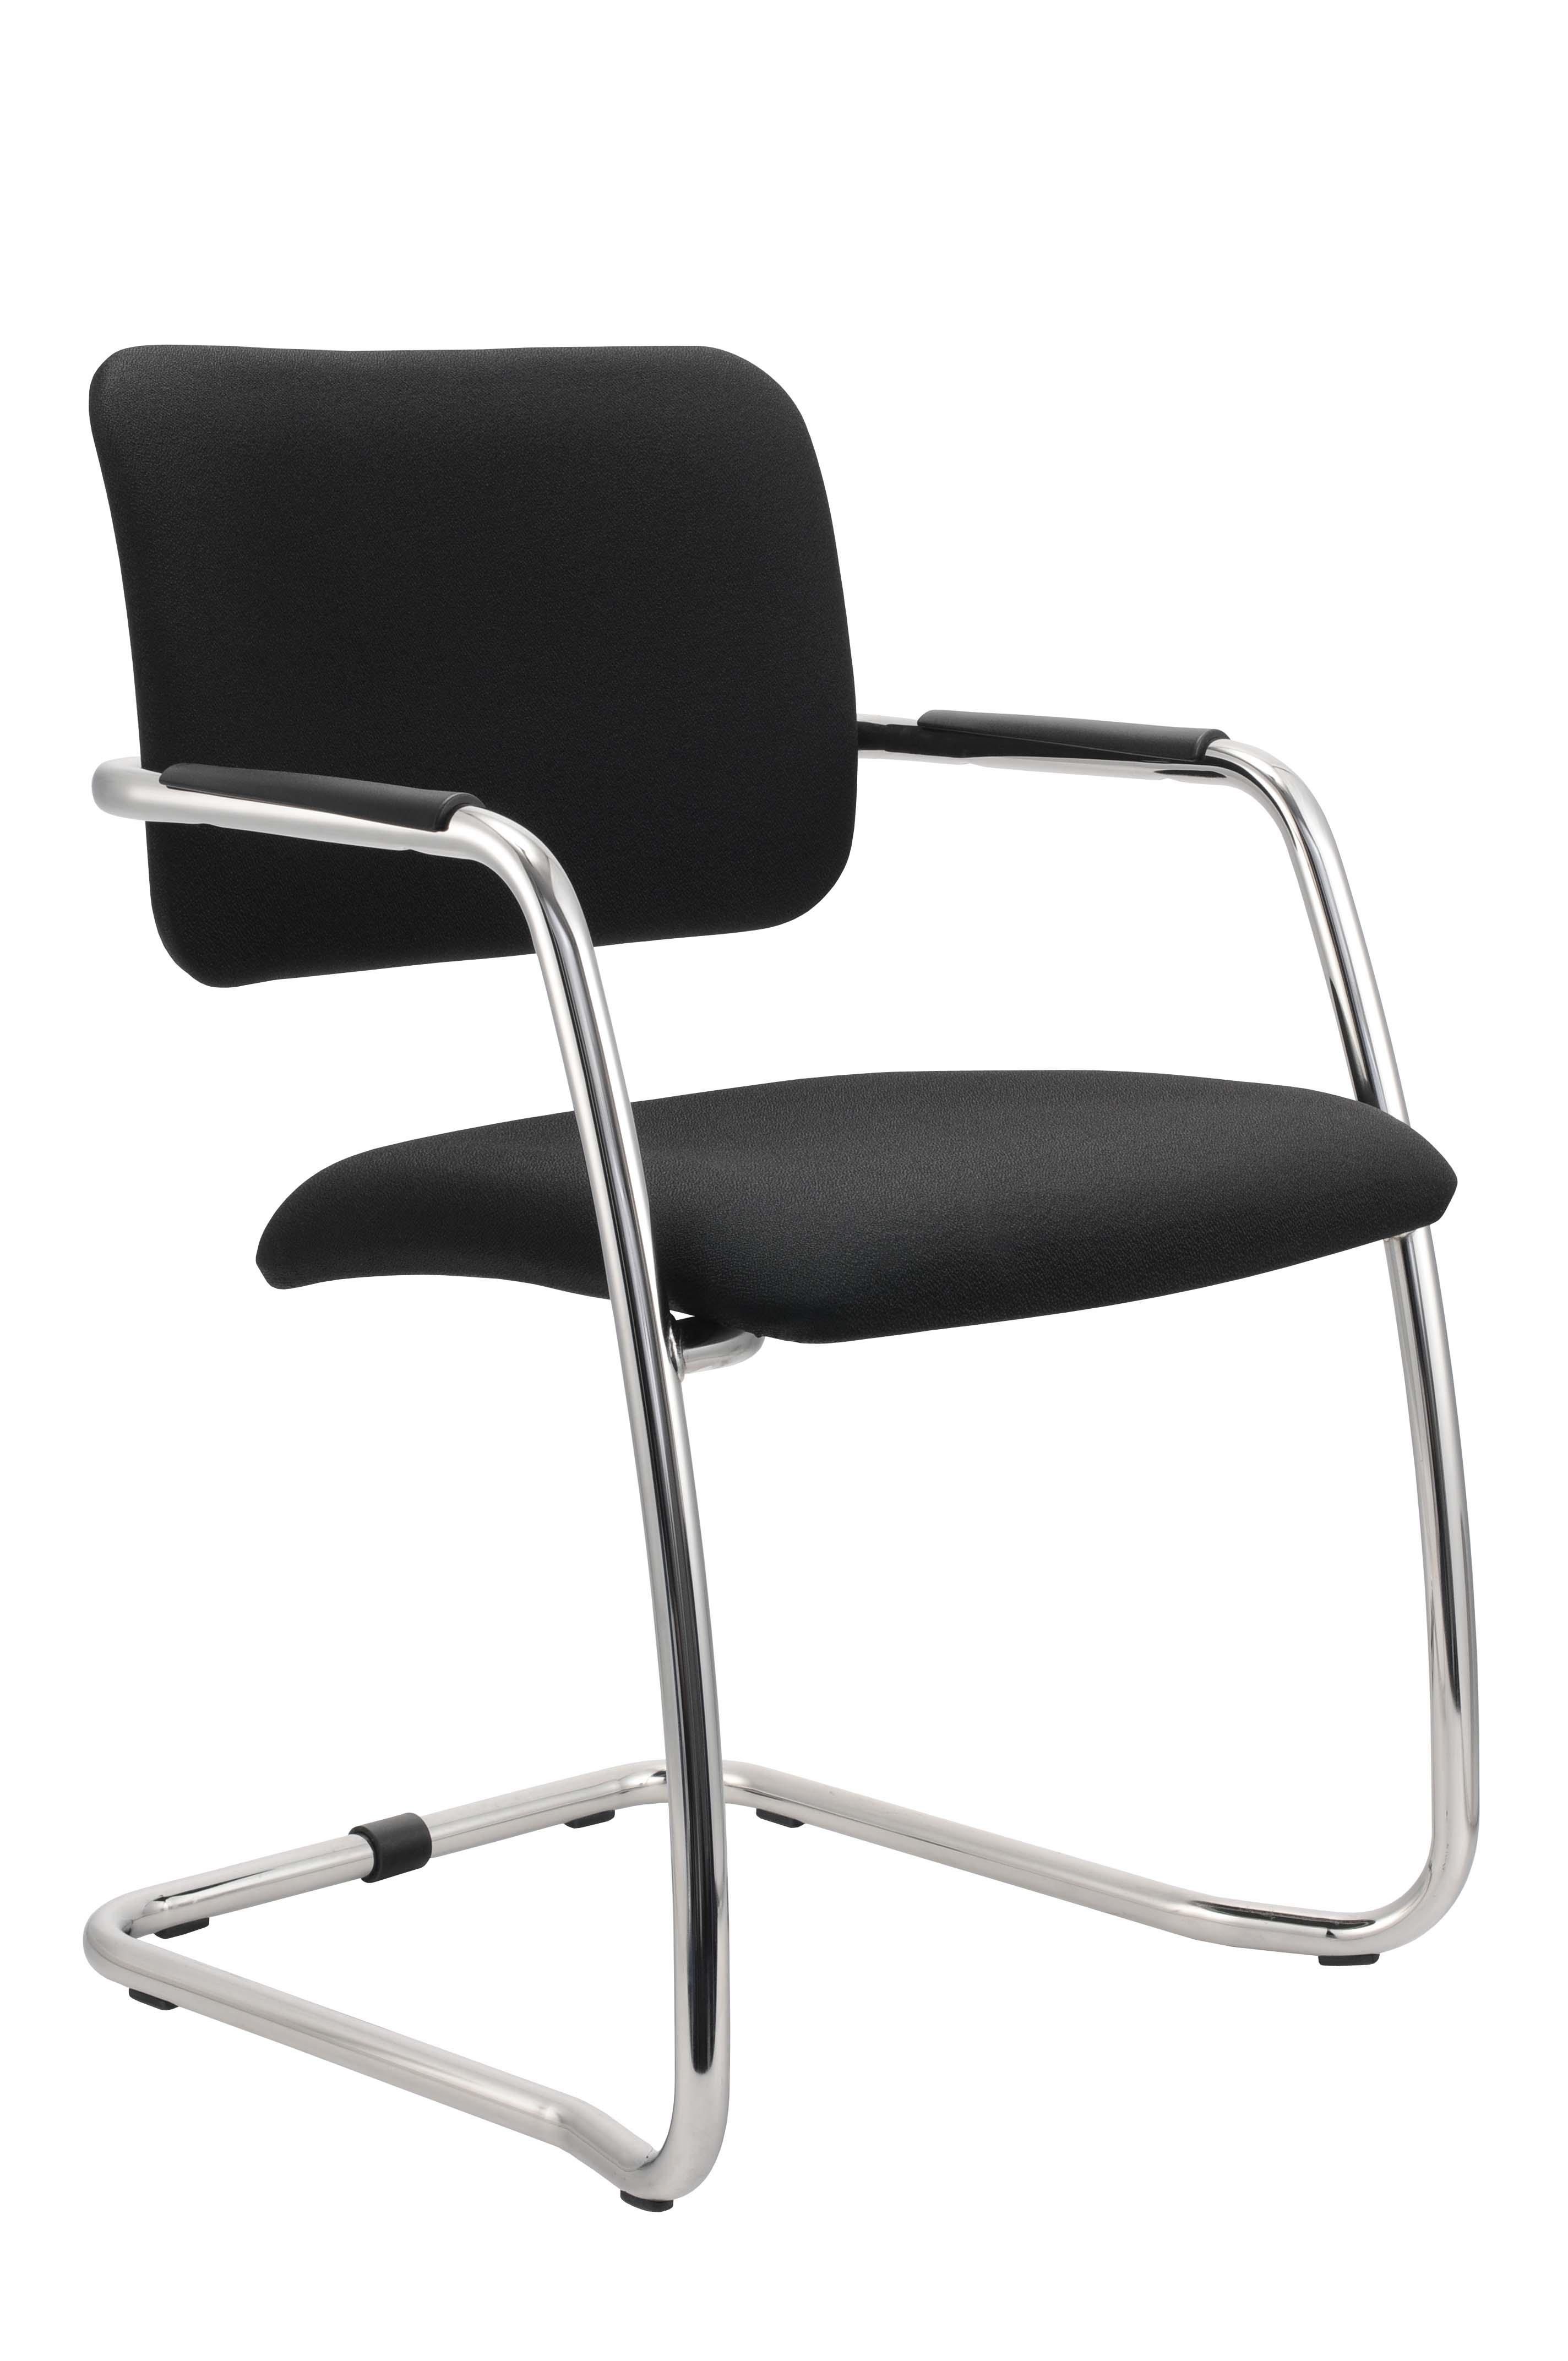 Freischwinger Stuhl Preis für 2 Stück